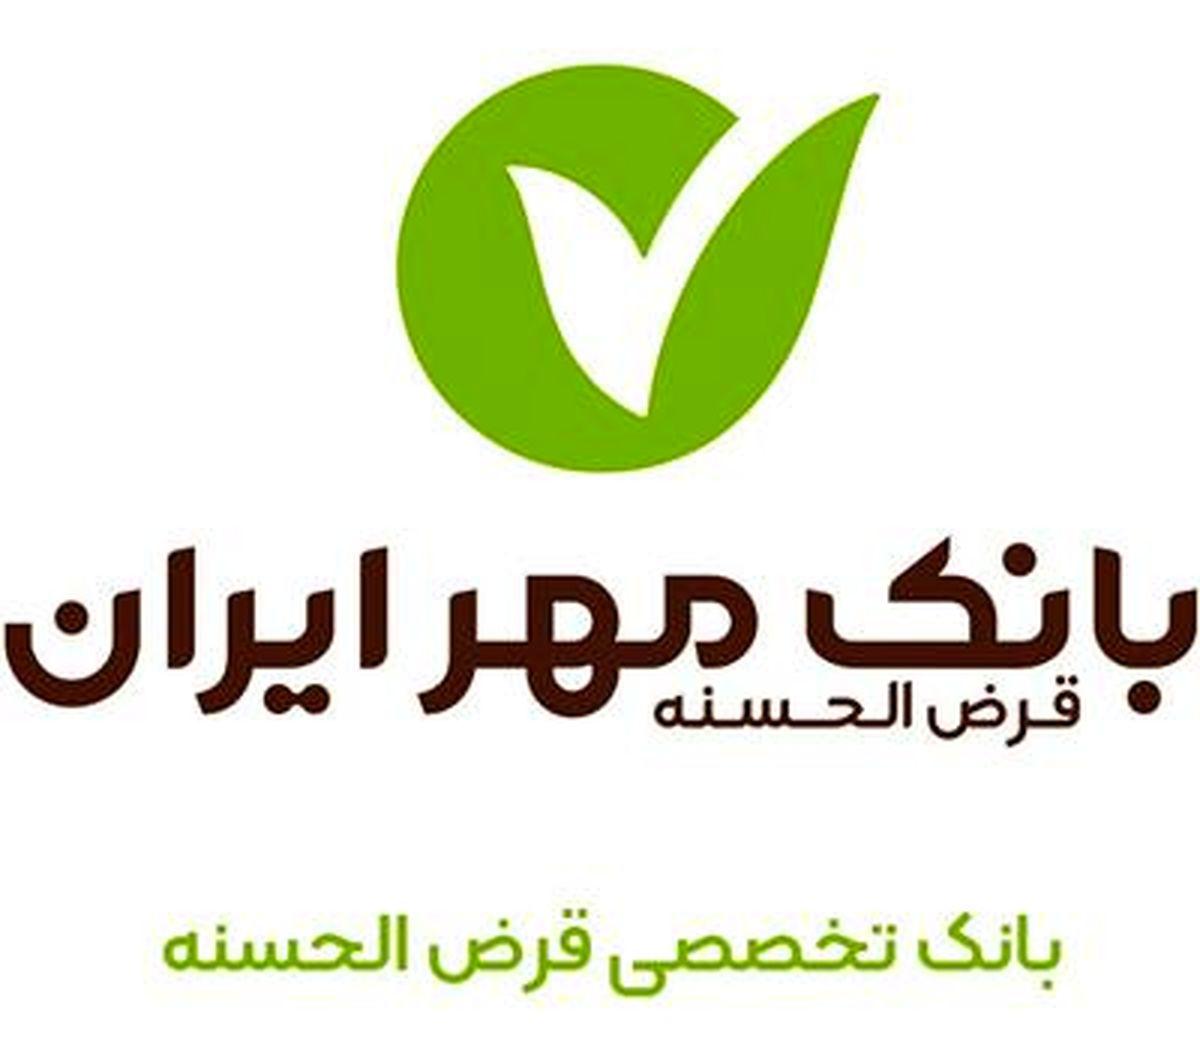 افتتاح شعب بانک مهر ایران در استان های کشور